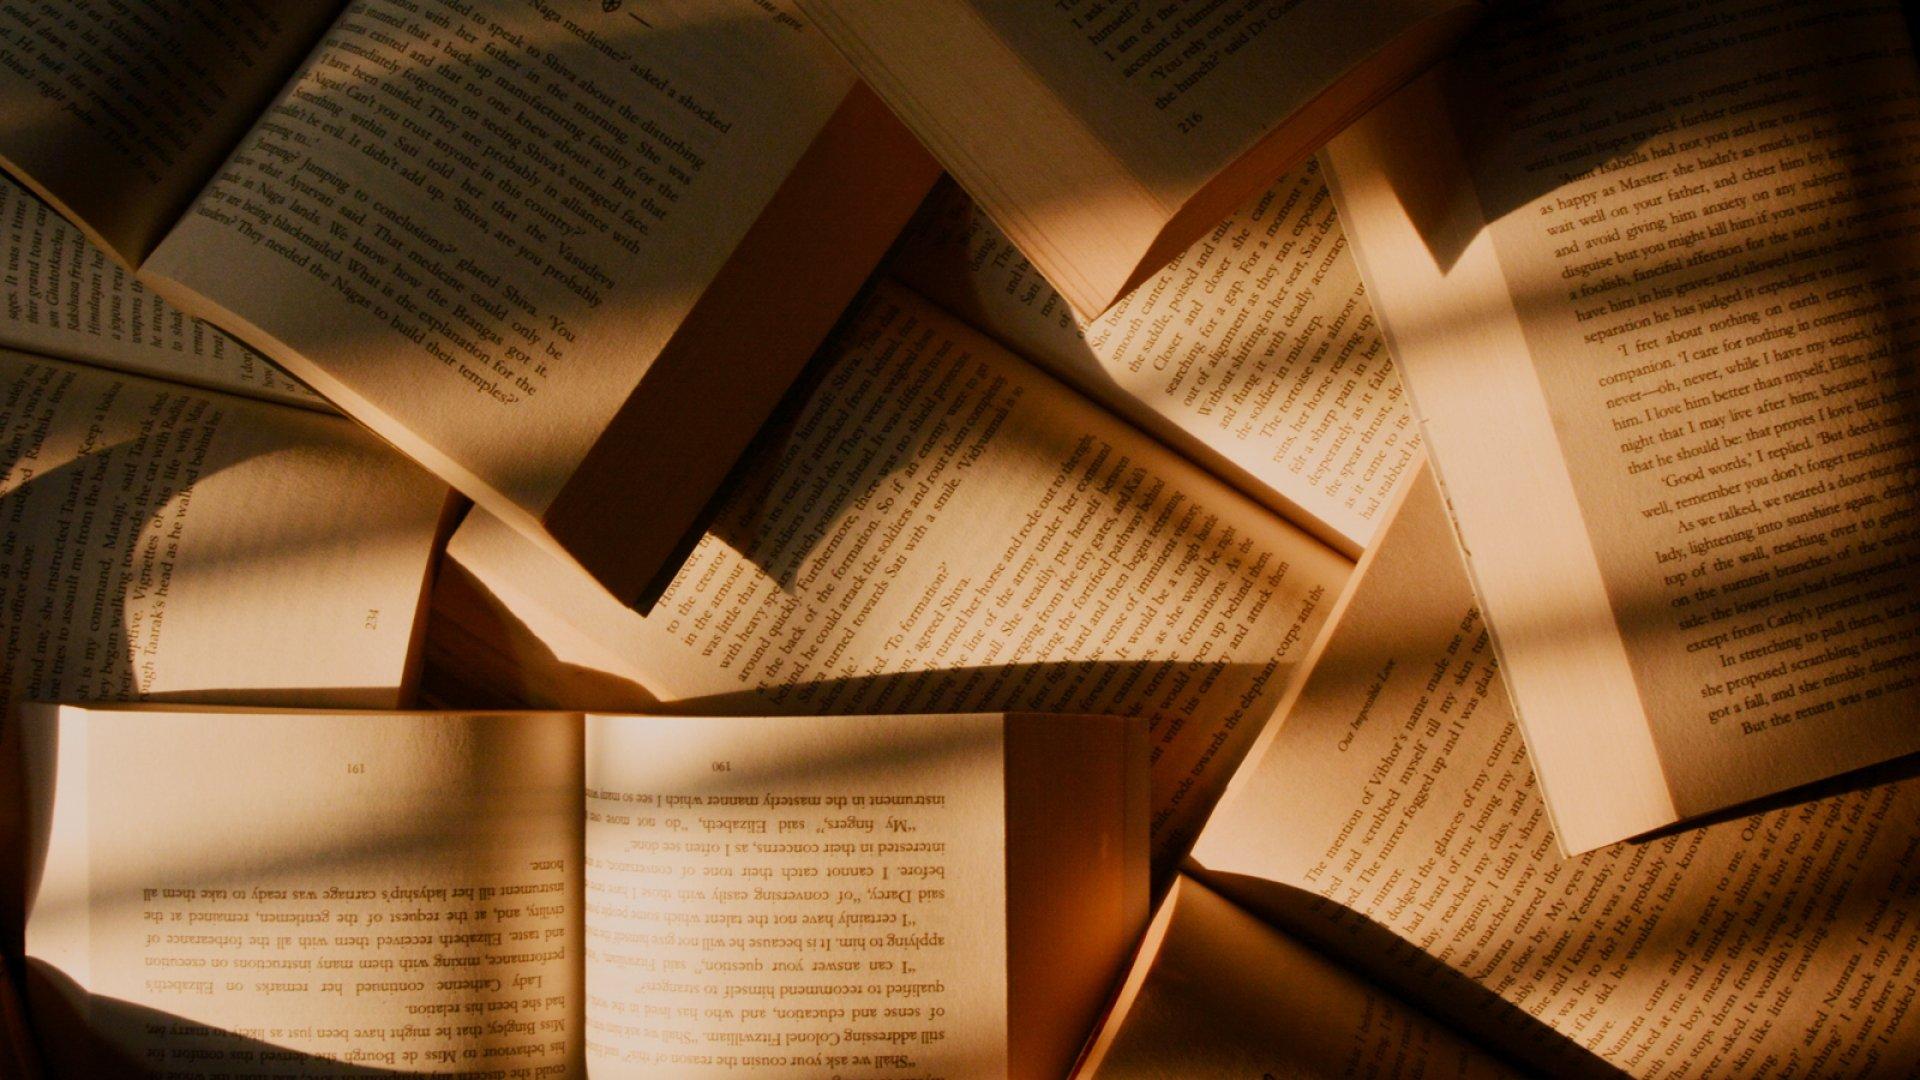 კულტურის, სპორტის და ახალგაზრდულ საქმეთა სააგენტო აგრძელებს სხვადასხვა ჟანრის  წიგნების გამოცემას